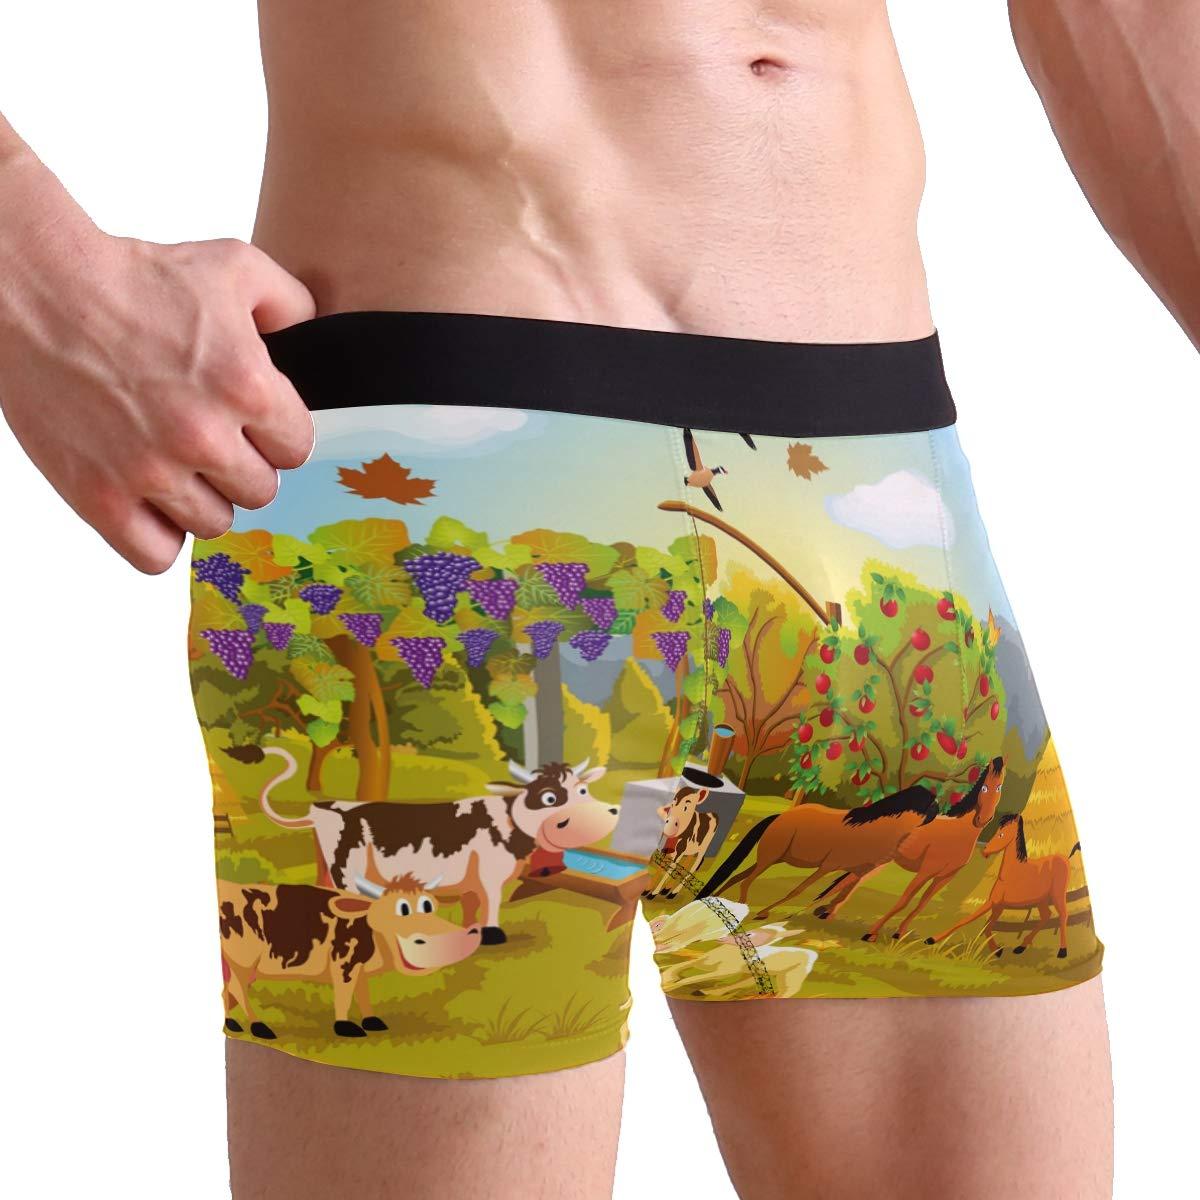 Cartoon Farm Animals Autumn Mens Underwear Soft Polyester Boxer Brief for Men Adult Teen Children Kids S